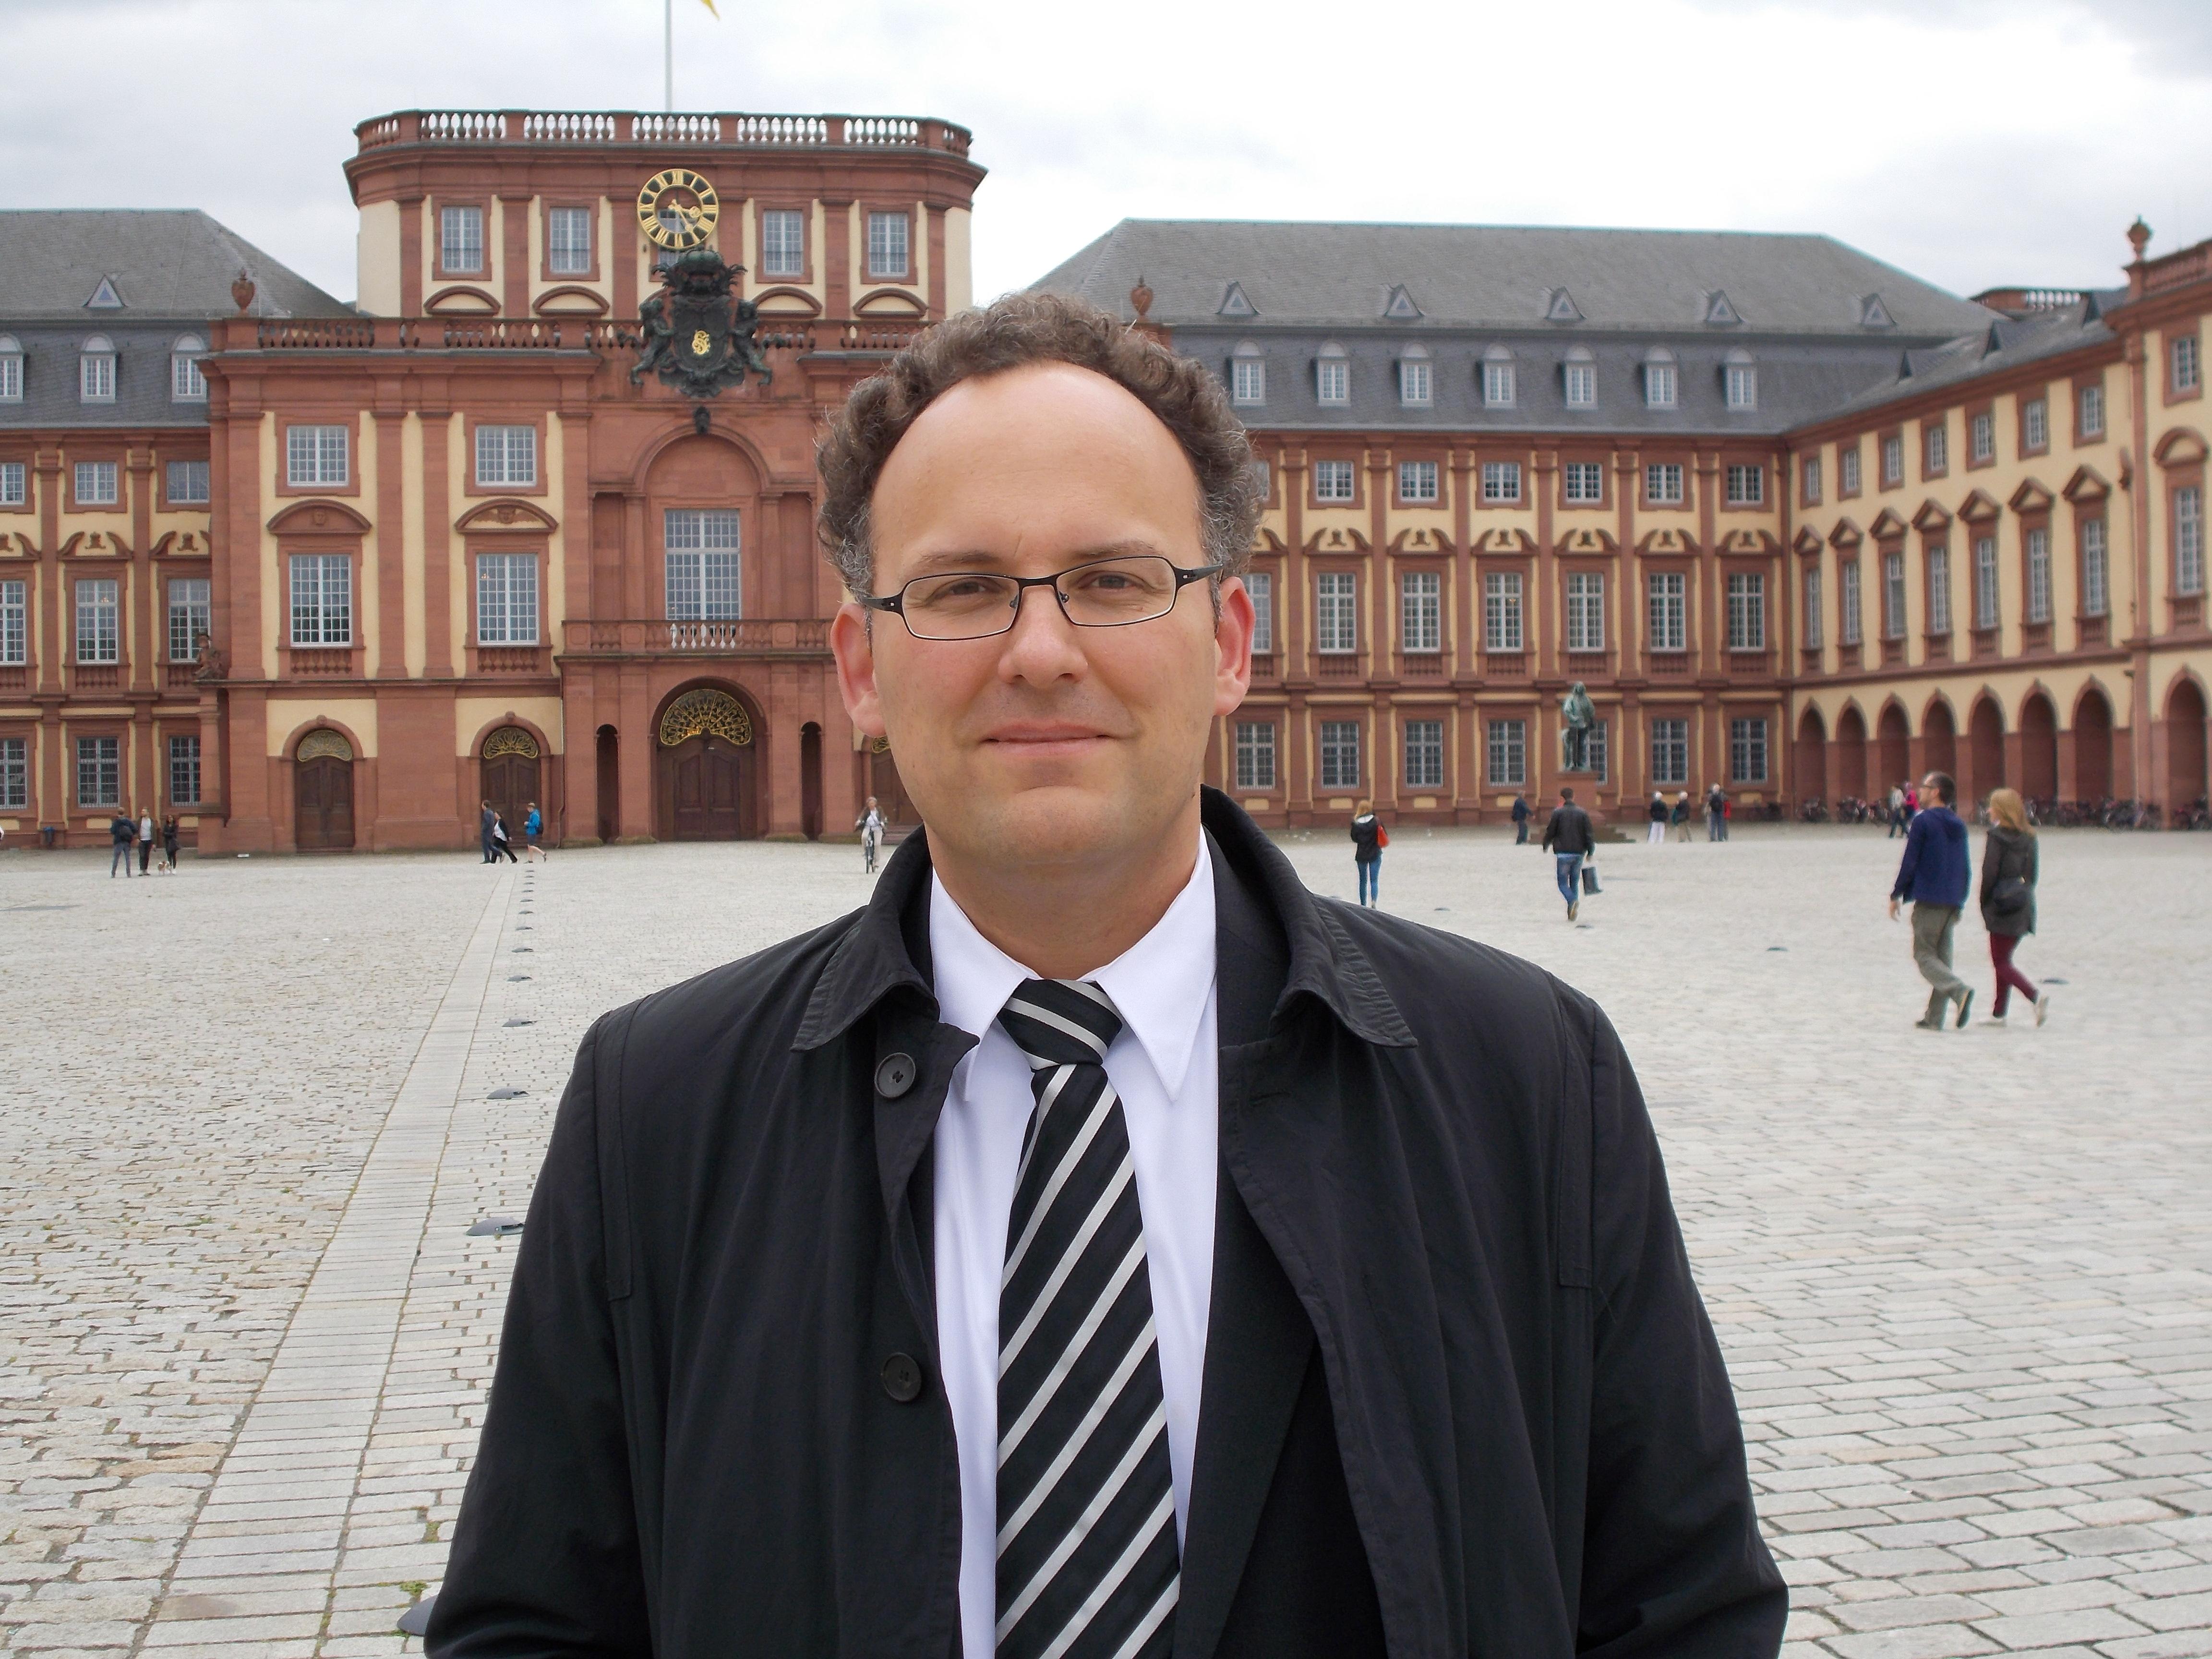 """Wikipedia: """"Matthias Bäcker ist ein deutscher Rechtswissenschaftler. Er ist Professor für Staats- und Verwaltungsrecht an der Ludwig-Maximilians-Universität in München."""""""